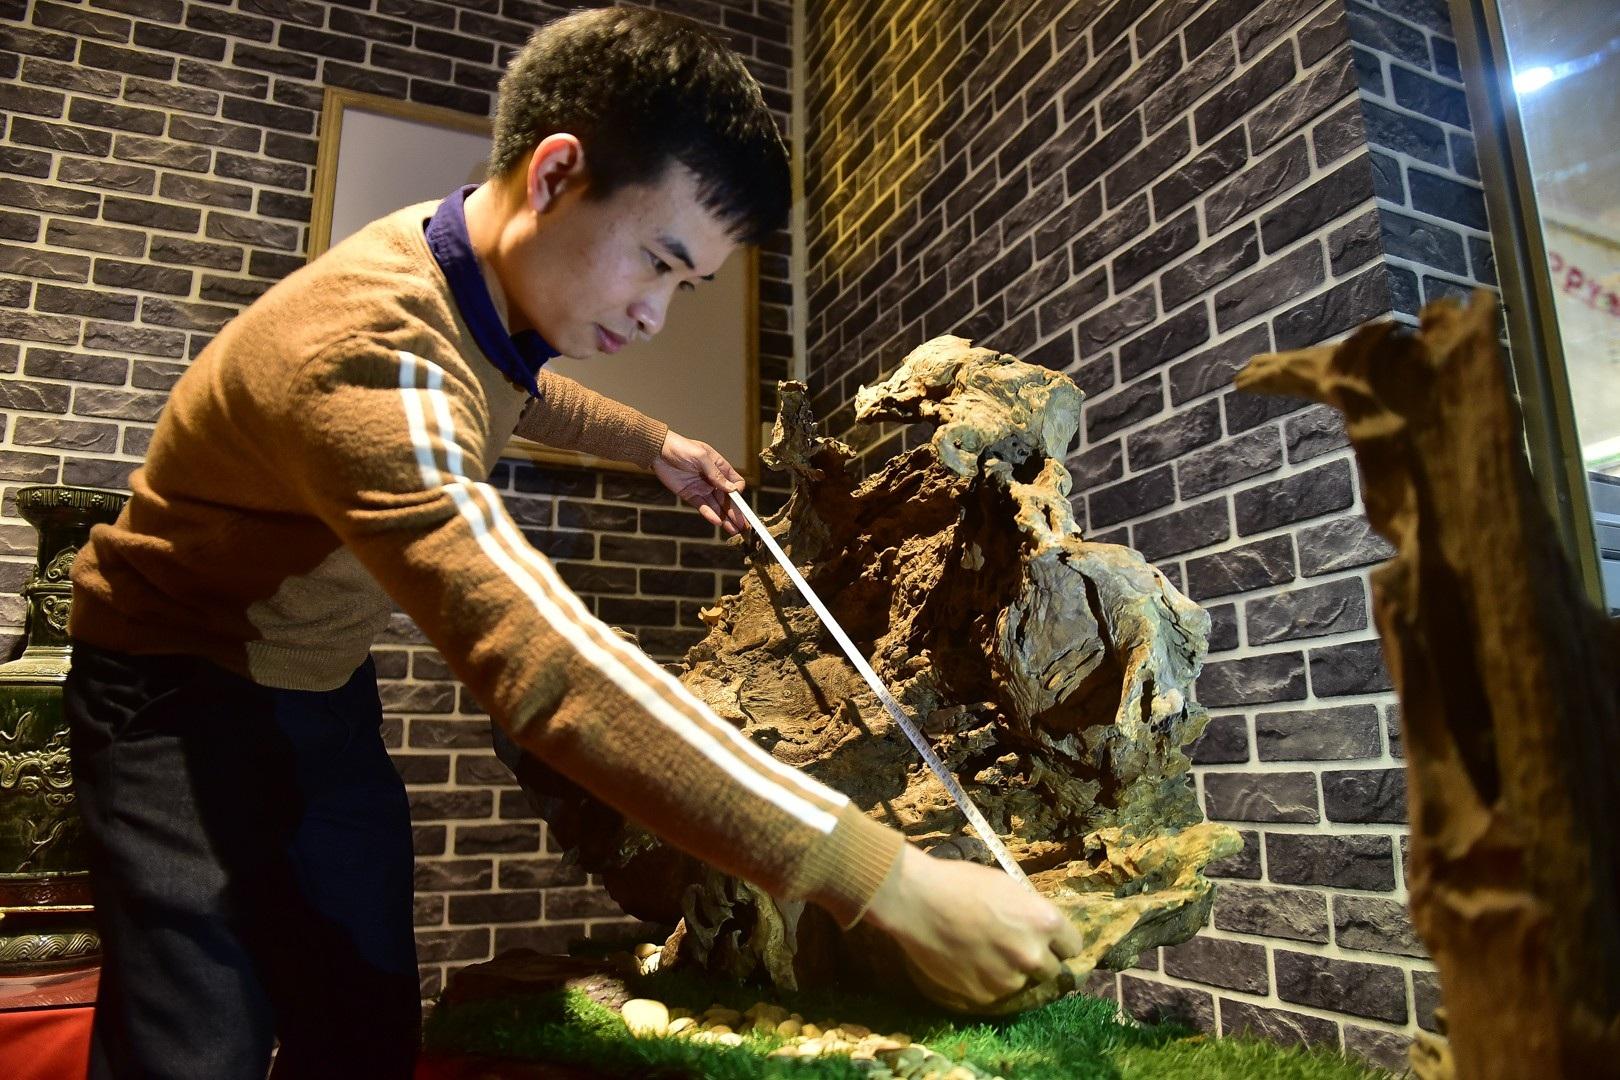 Độc đáo nghệ thuật điêu khắc ánh sáng của anh chàng kỹ sư xây dựng - Ảnh 7.